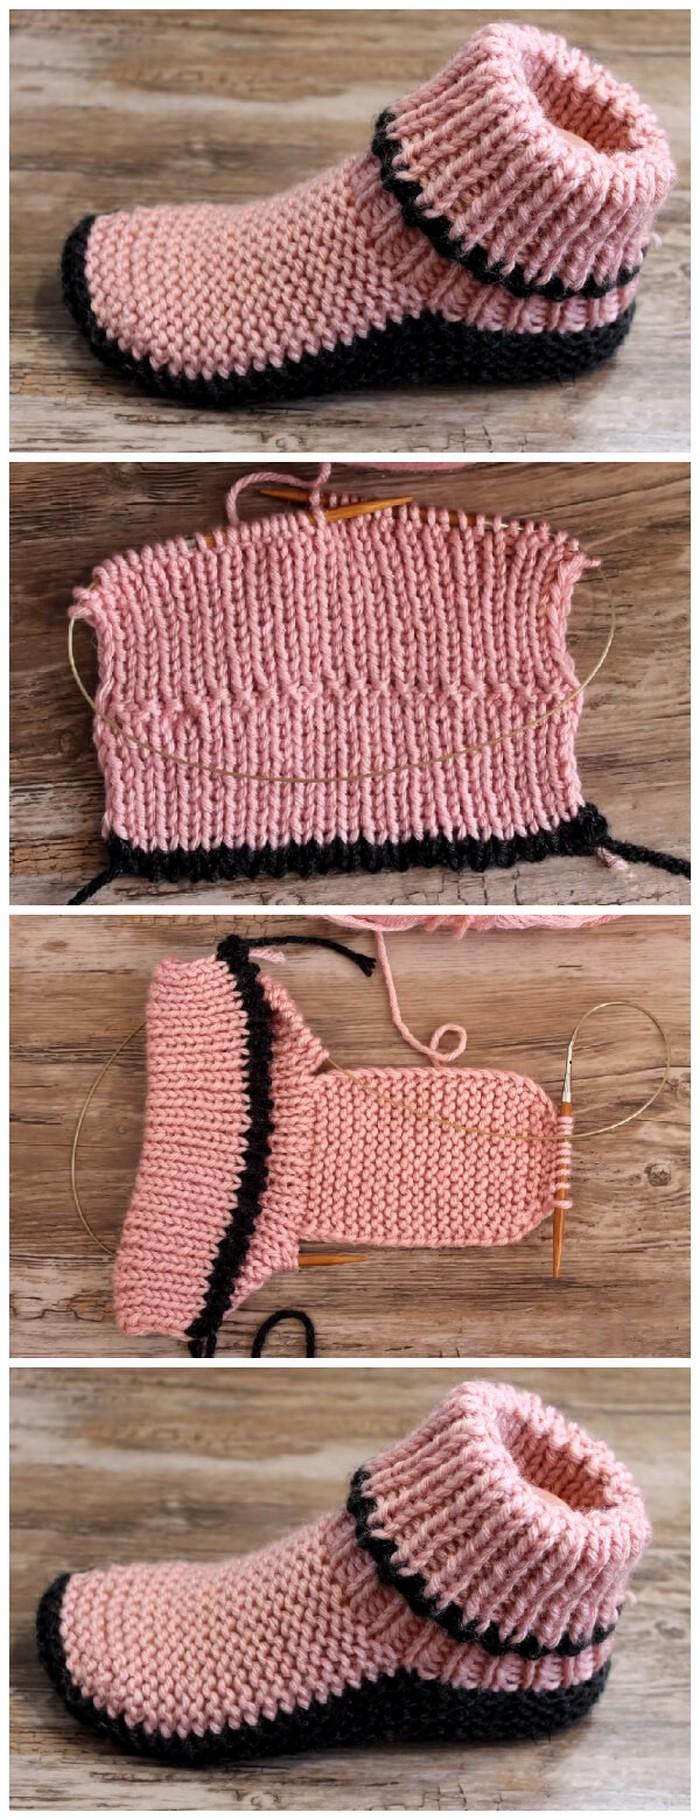 Winter Warm Shoes Free crochet pattern